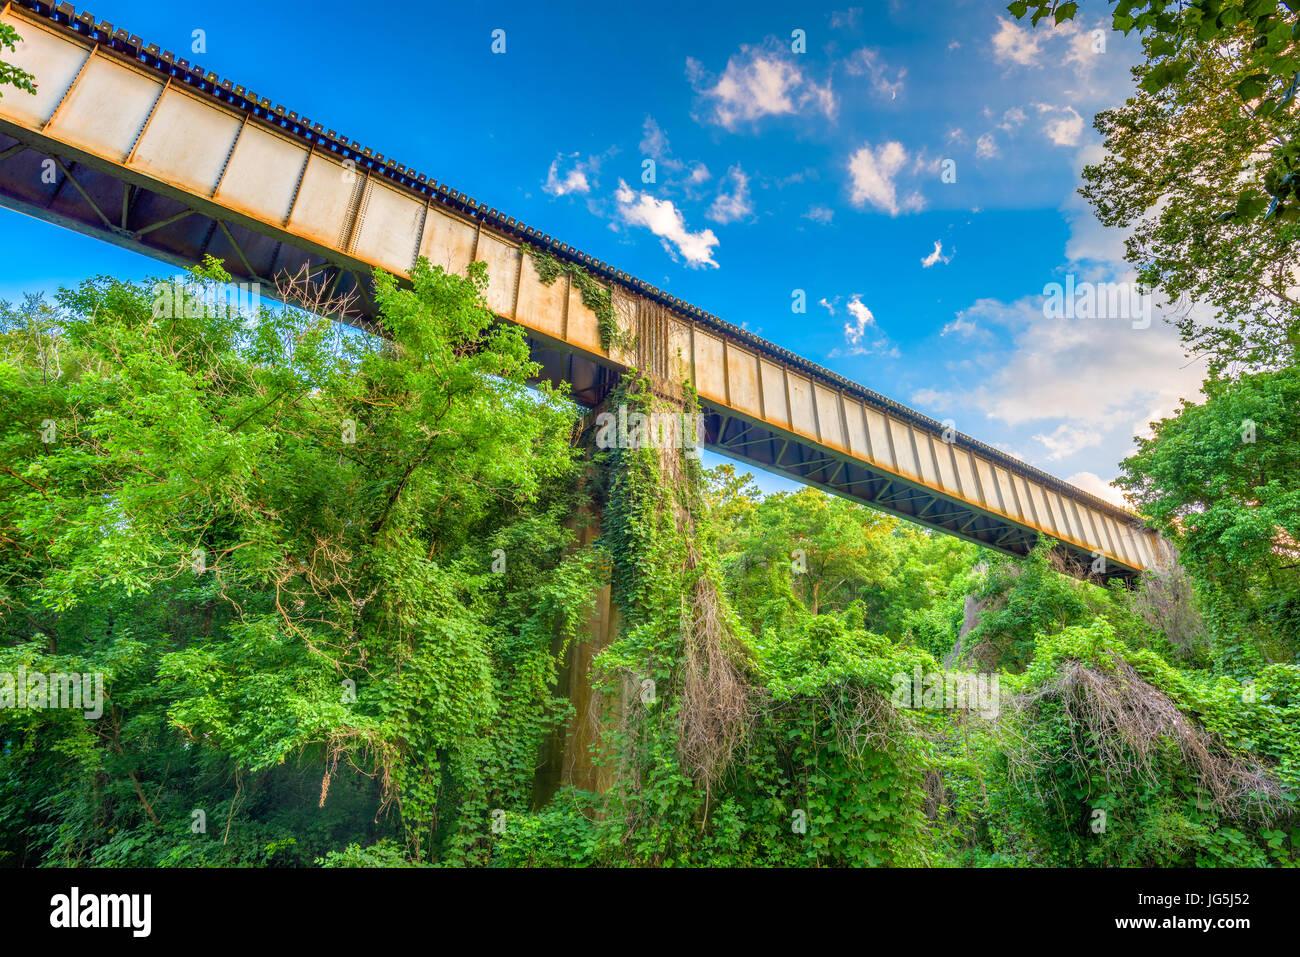 Ein Zug Bock durchläuft ein ländliches Gebiet. Stockbild